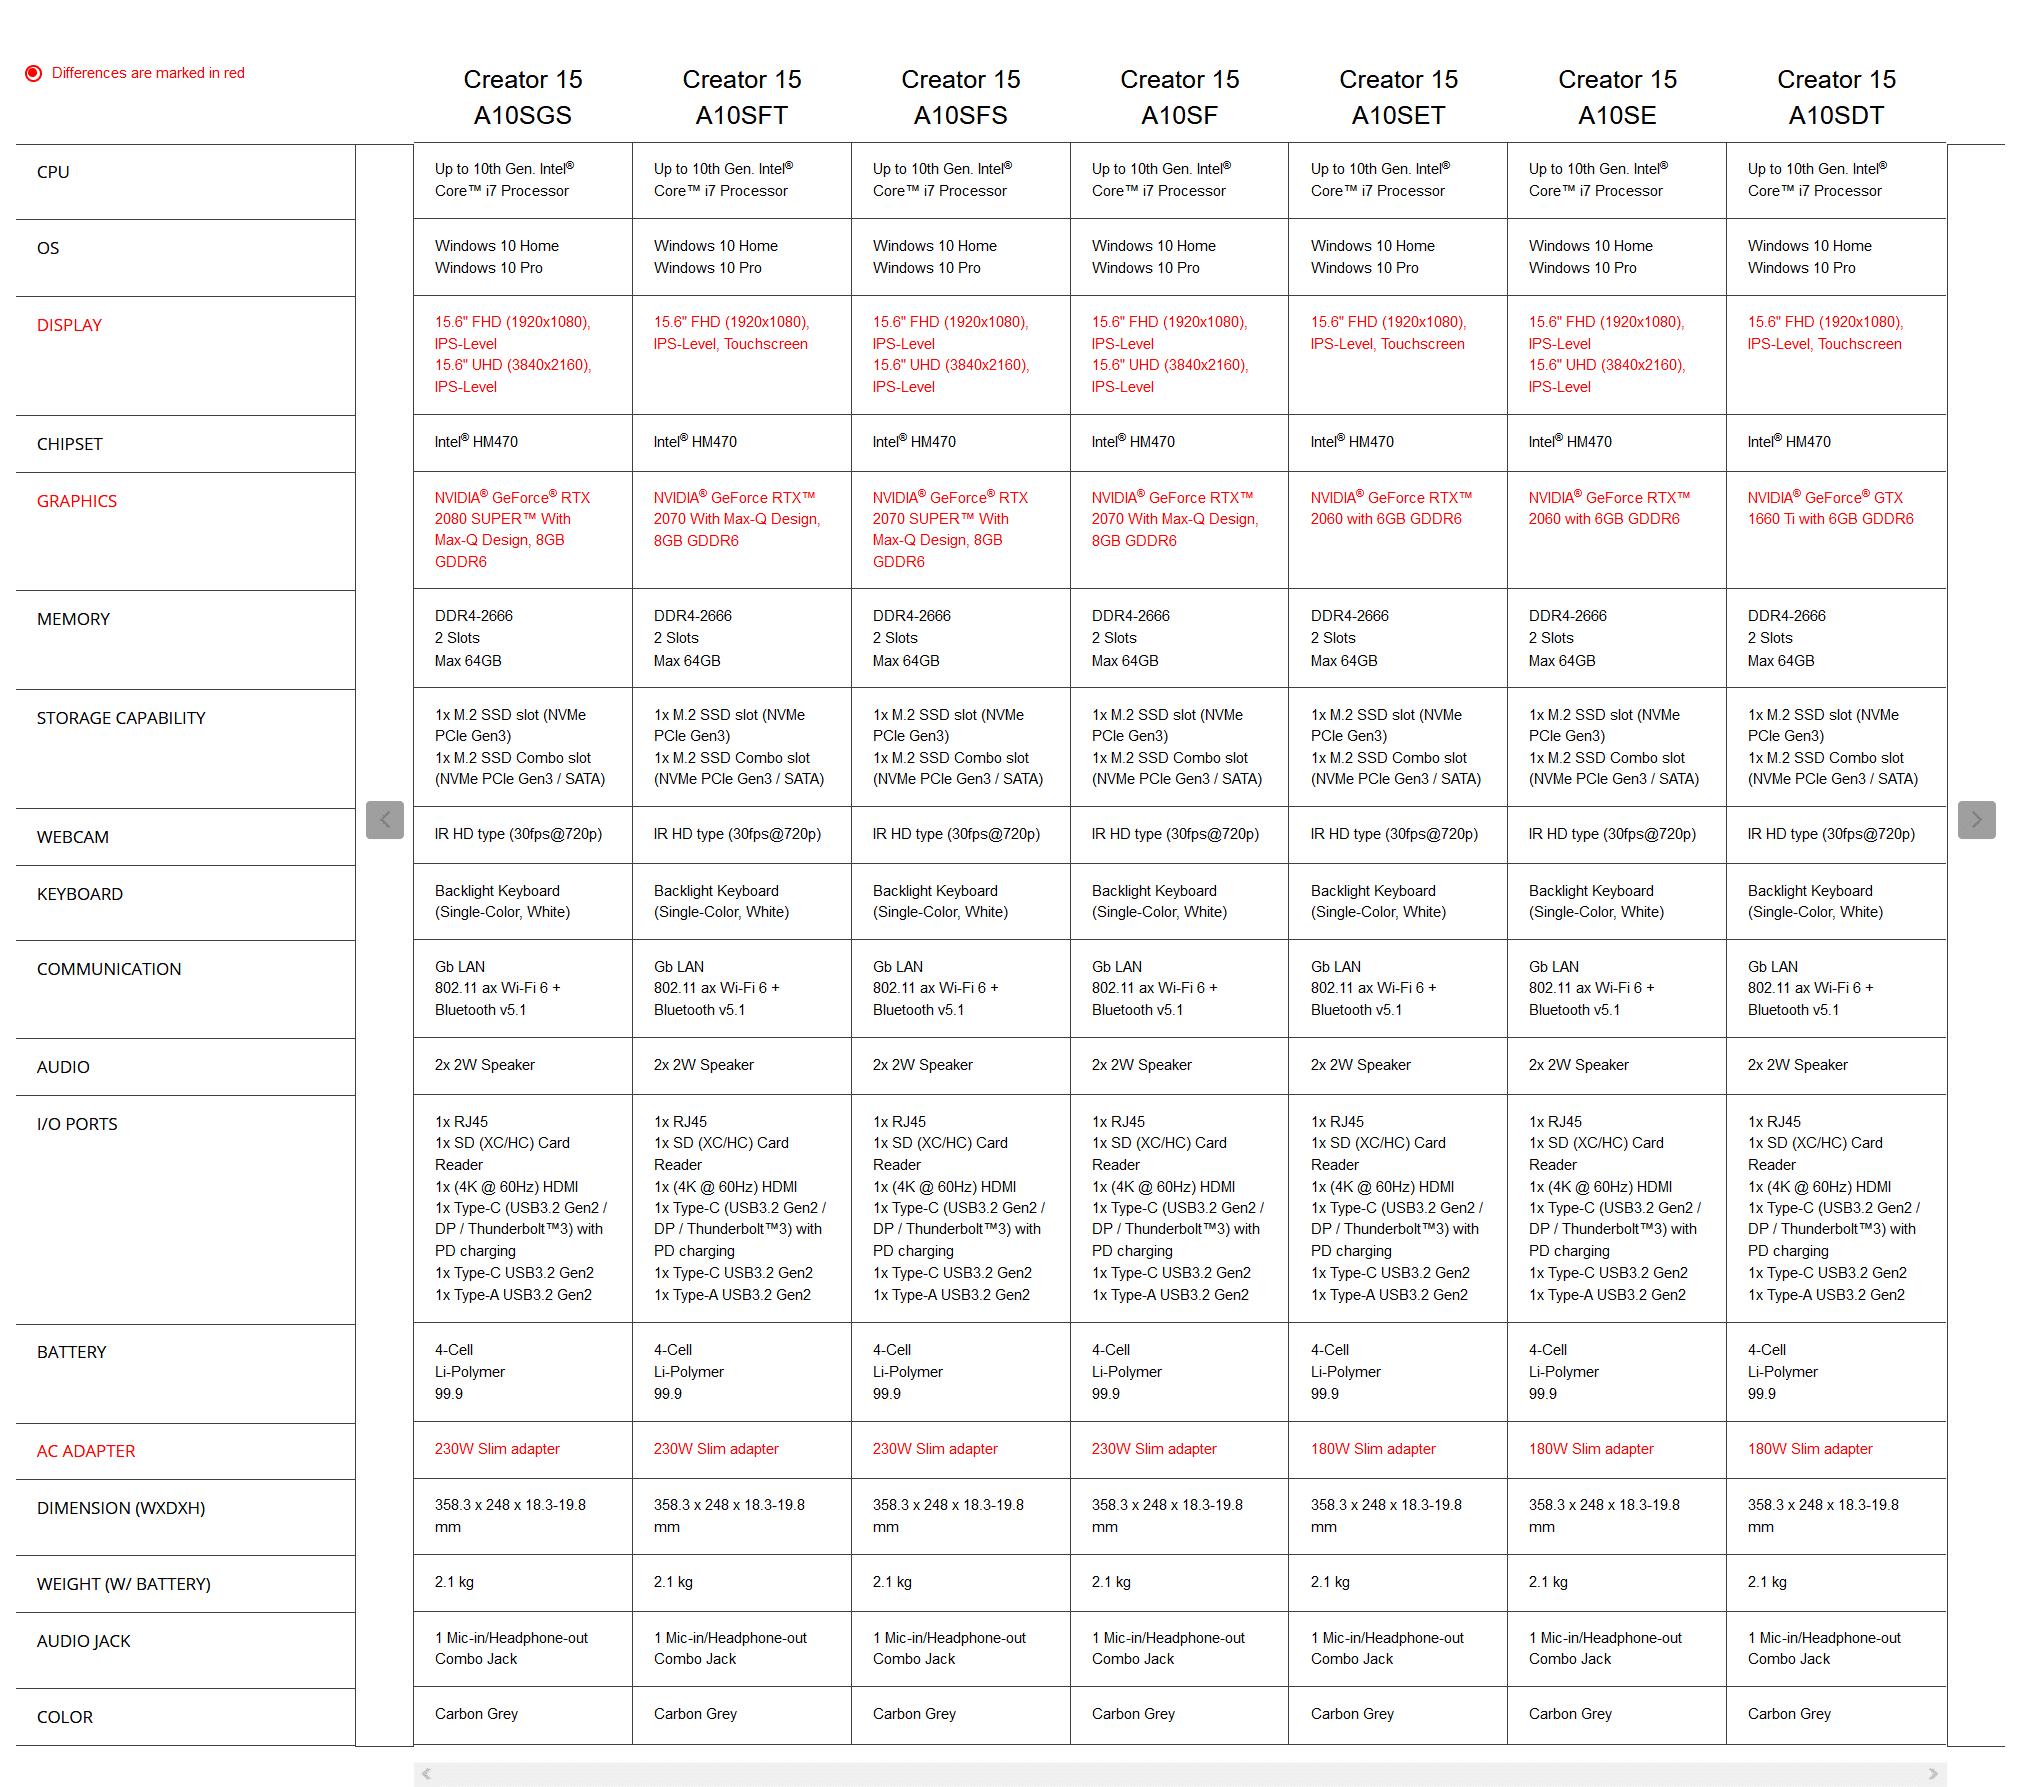 Liste des modèles MSI Creator 15 A10